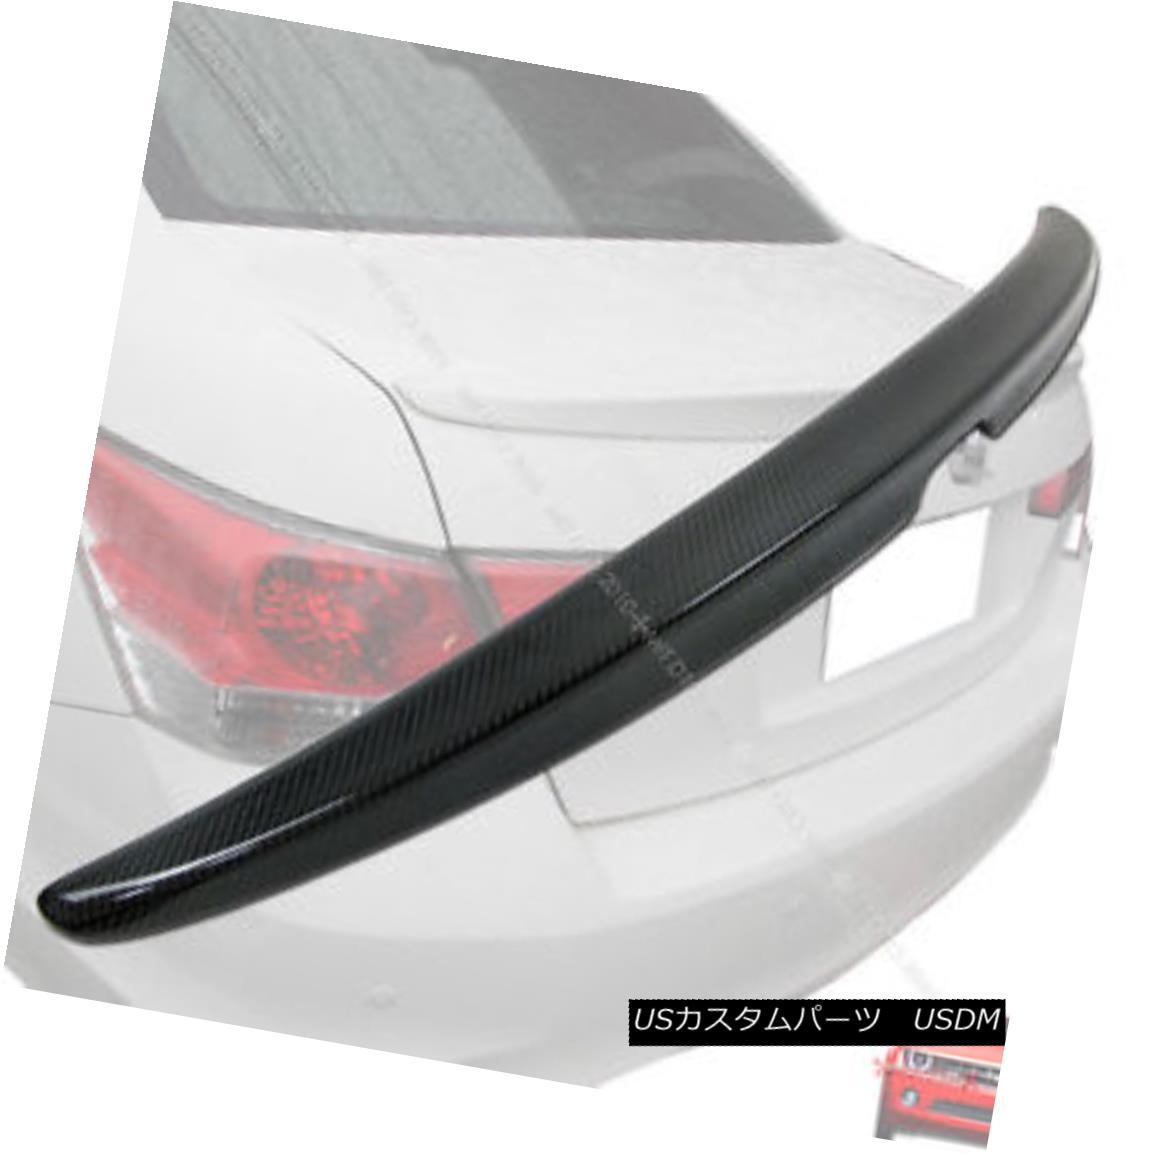 エアロパーツ ++Carbon Fiber For HONDA Accord 4DR OE Type Boot Trunk Spoiler Rear Wing 08 12 ++ホンダ用炭素繊維4DR OEタイプブーツトランクスポイラーリアウイング08 12